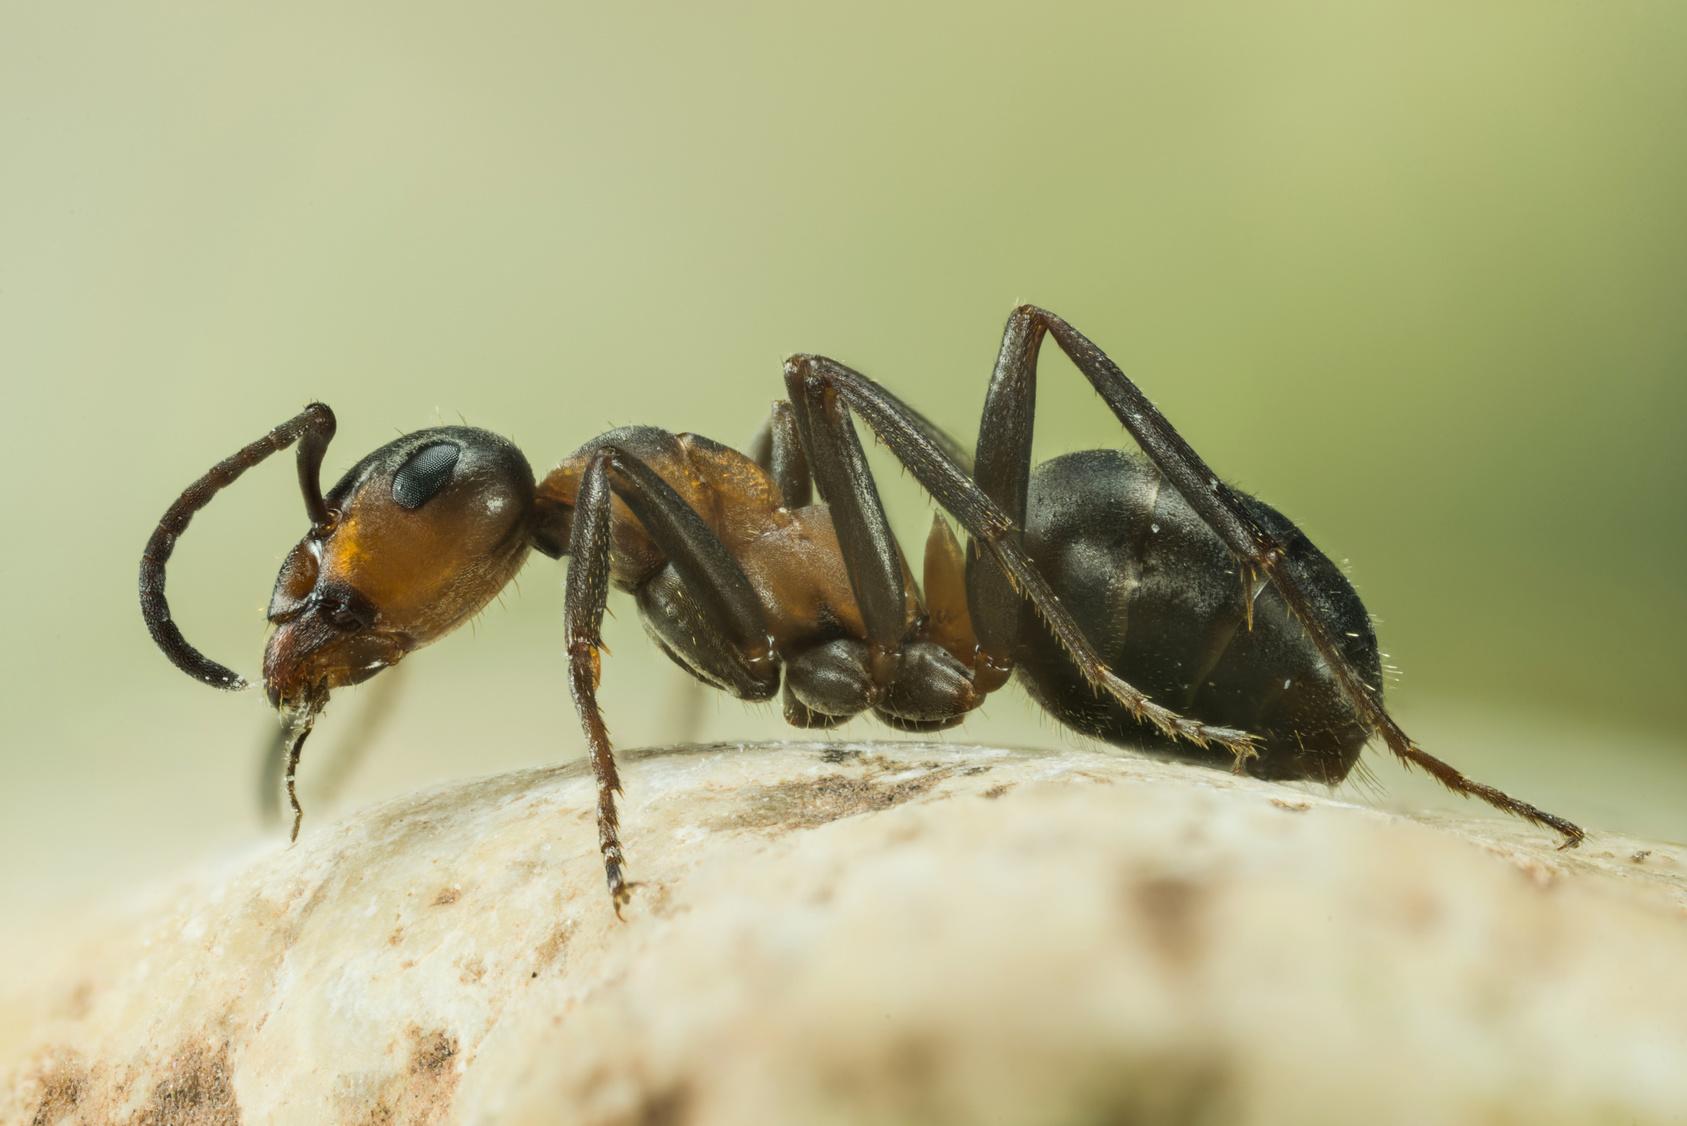 Ein wahrer Albtraum Patientin wacht in Krankenbett voller Ameisen auf